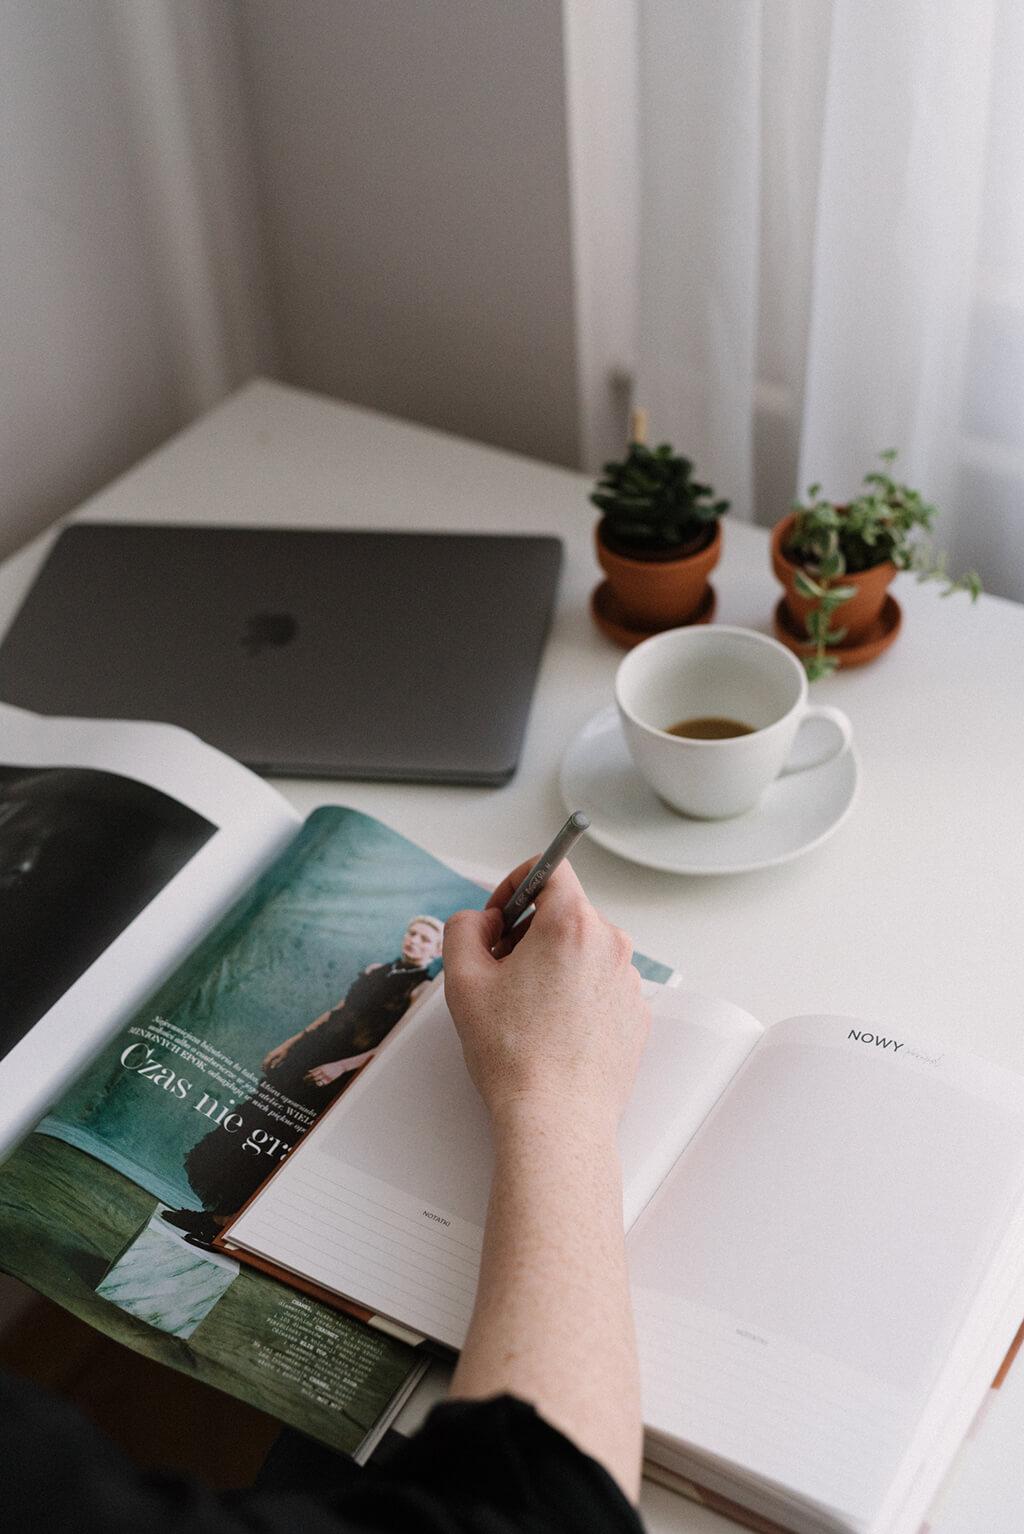 Jak pracować produktywnie, kiedy totalnie Ci się nie chce? Rób jedną rzecz na raz. Rozpraszacze w ogóle tego nie ułatwiają.